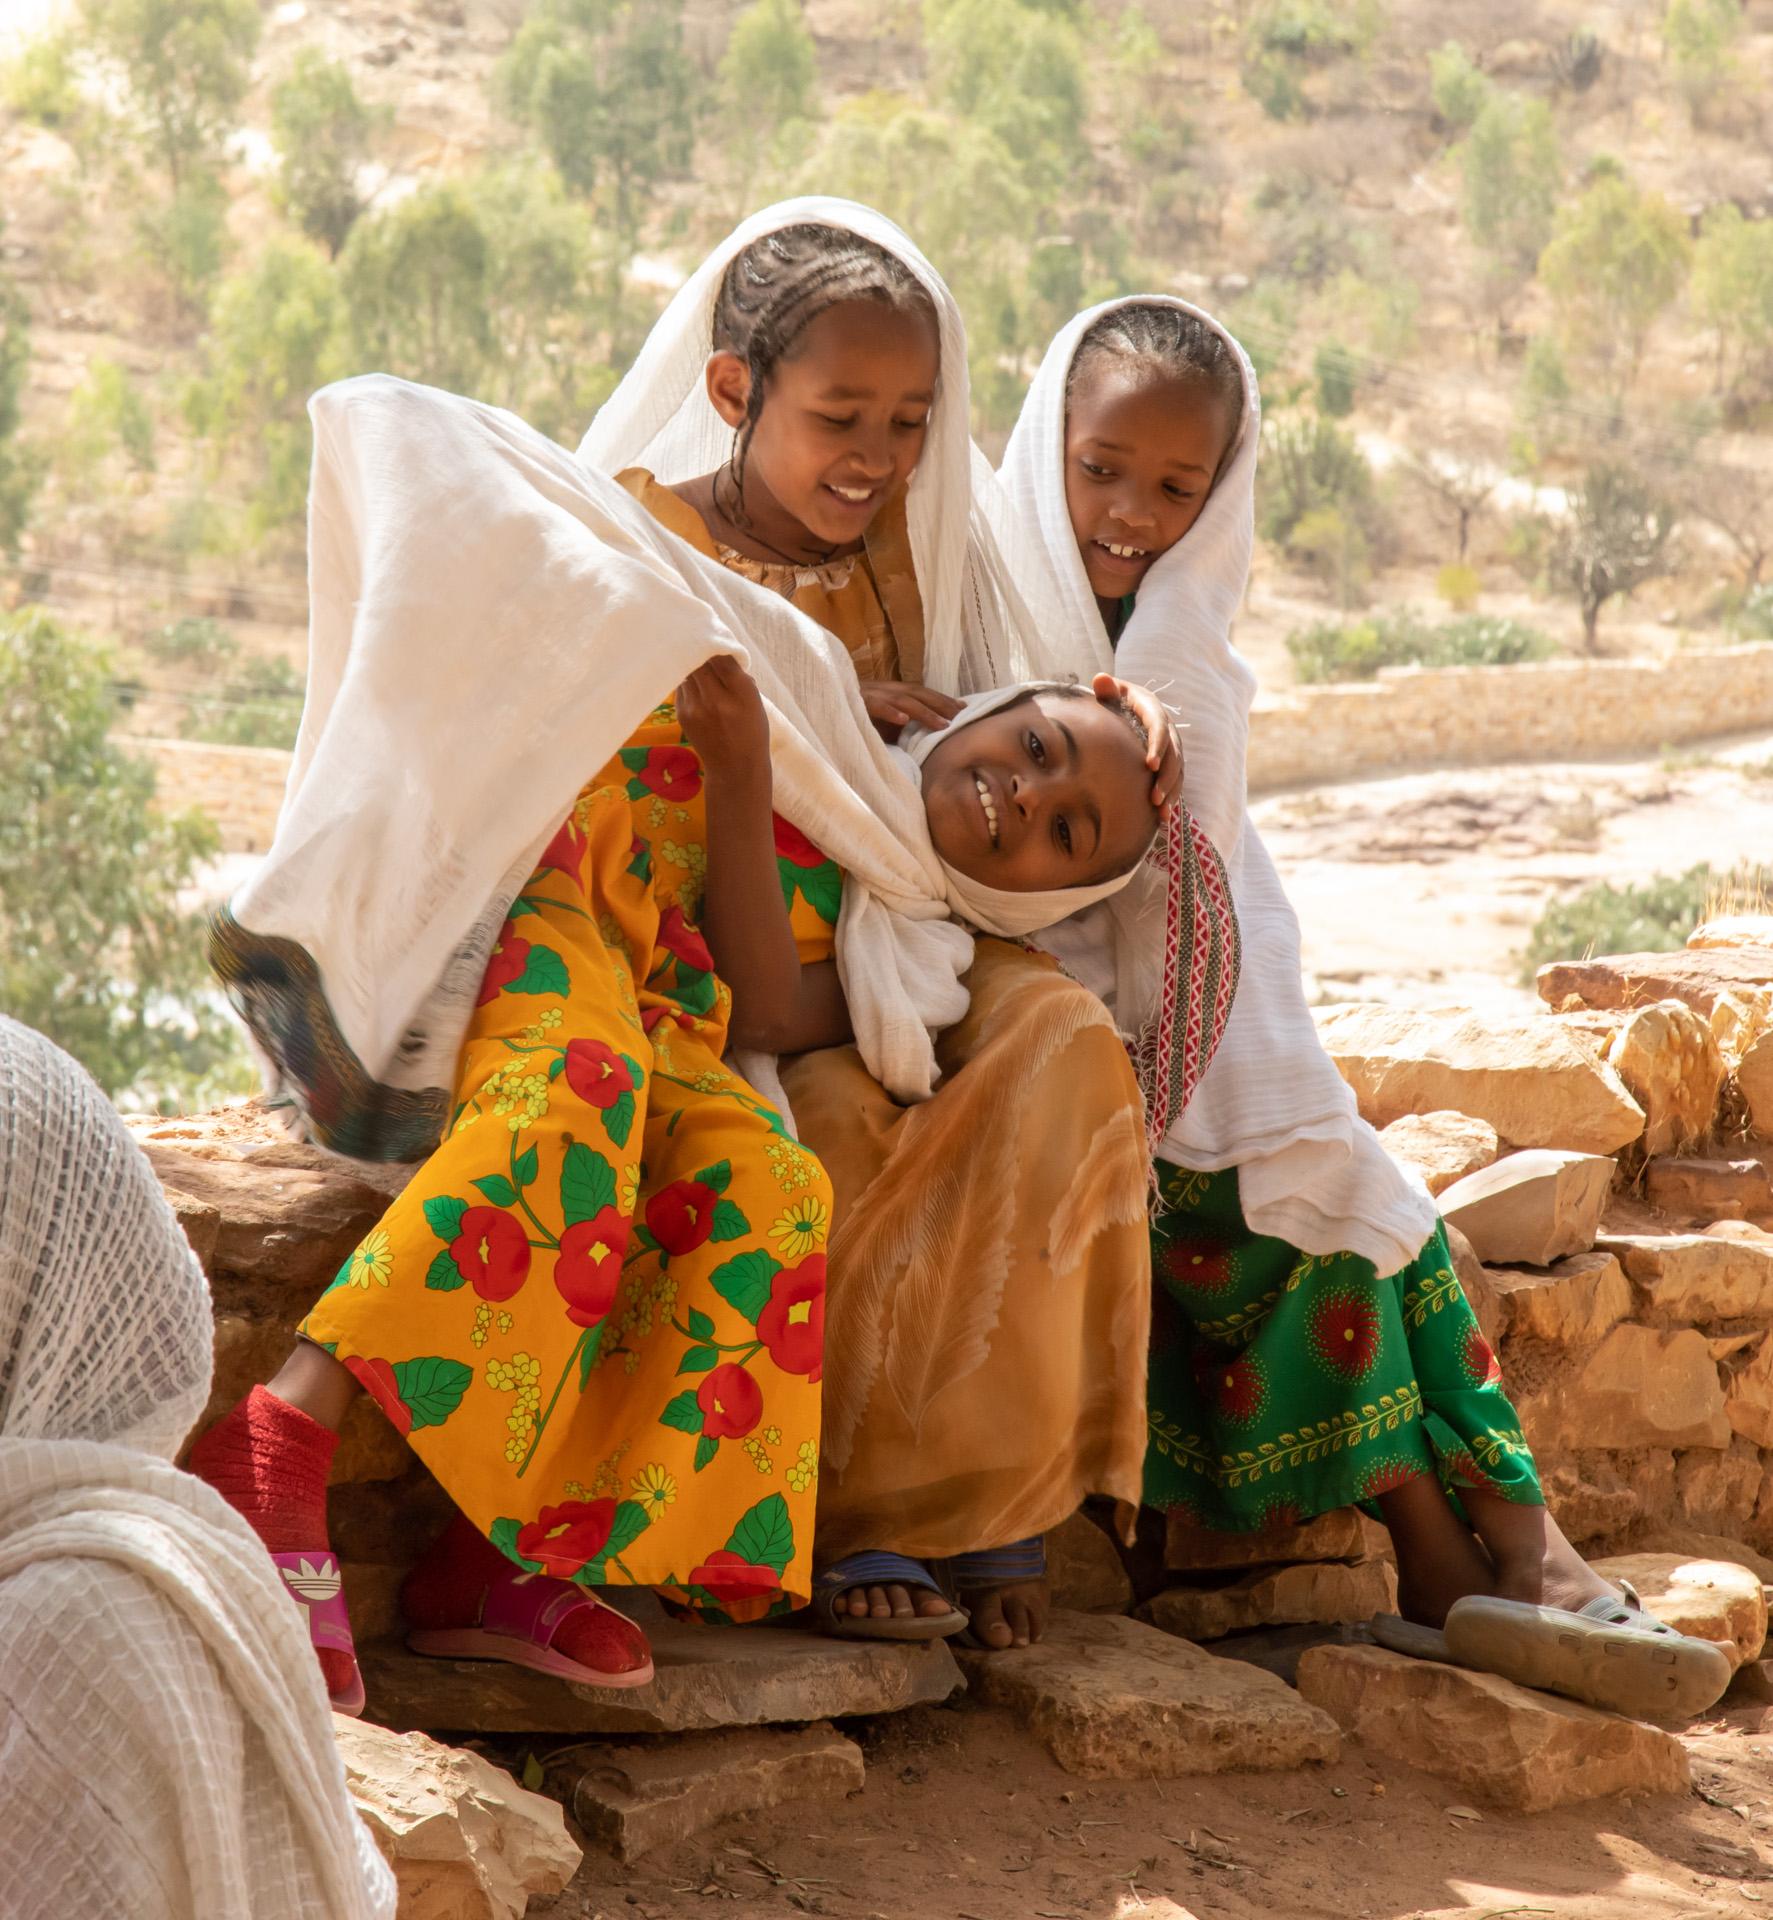 Kinder beim Spielen vor einer Kirche (Foto: Peter Schreyer)